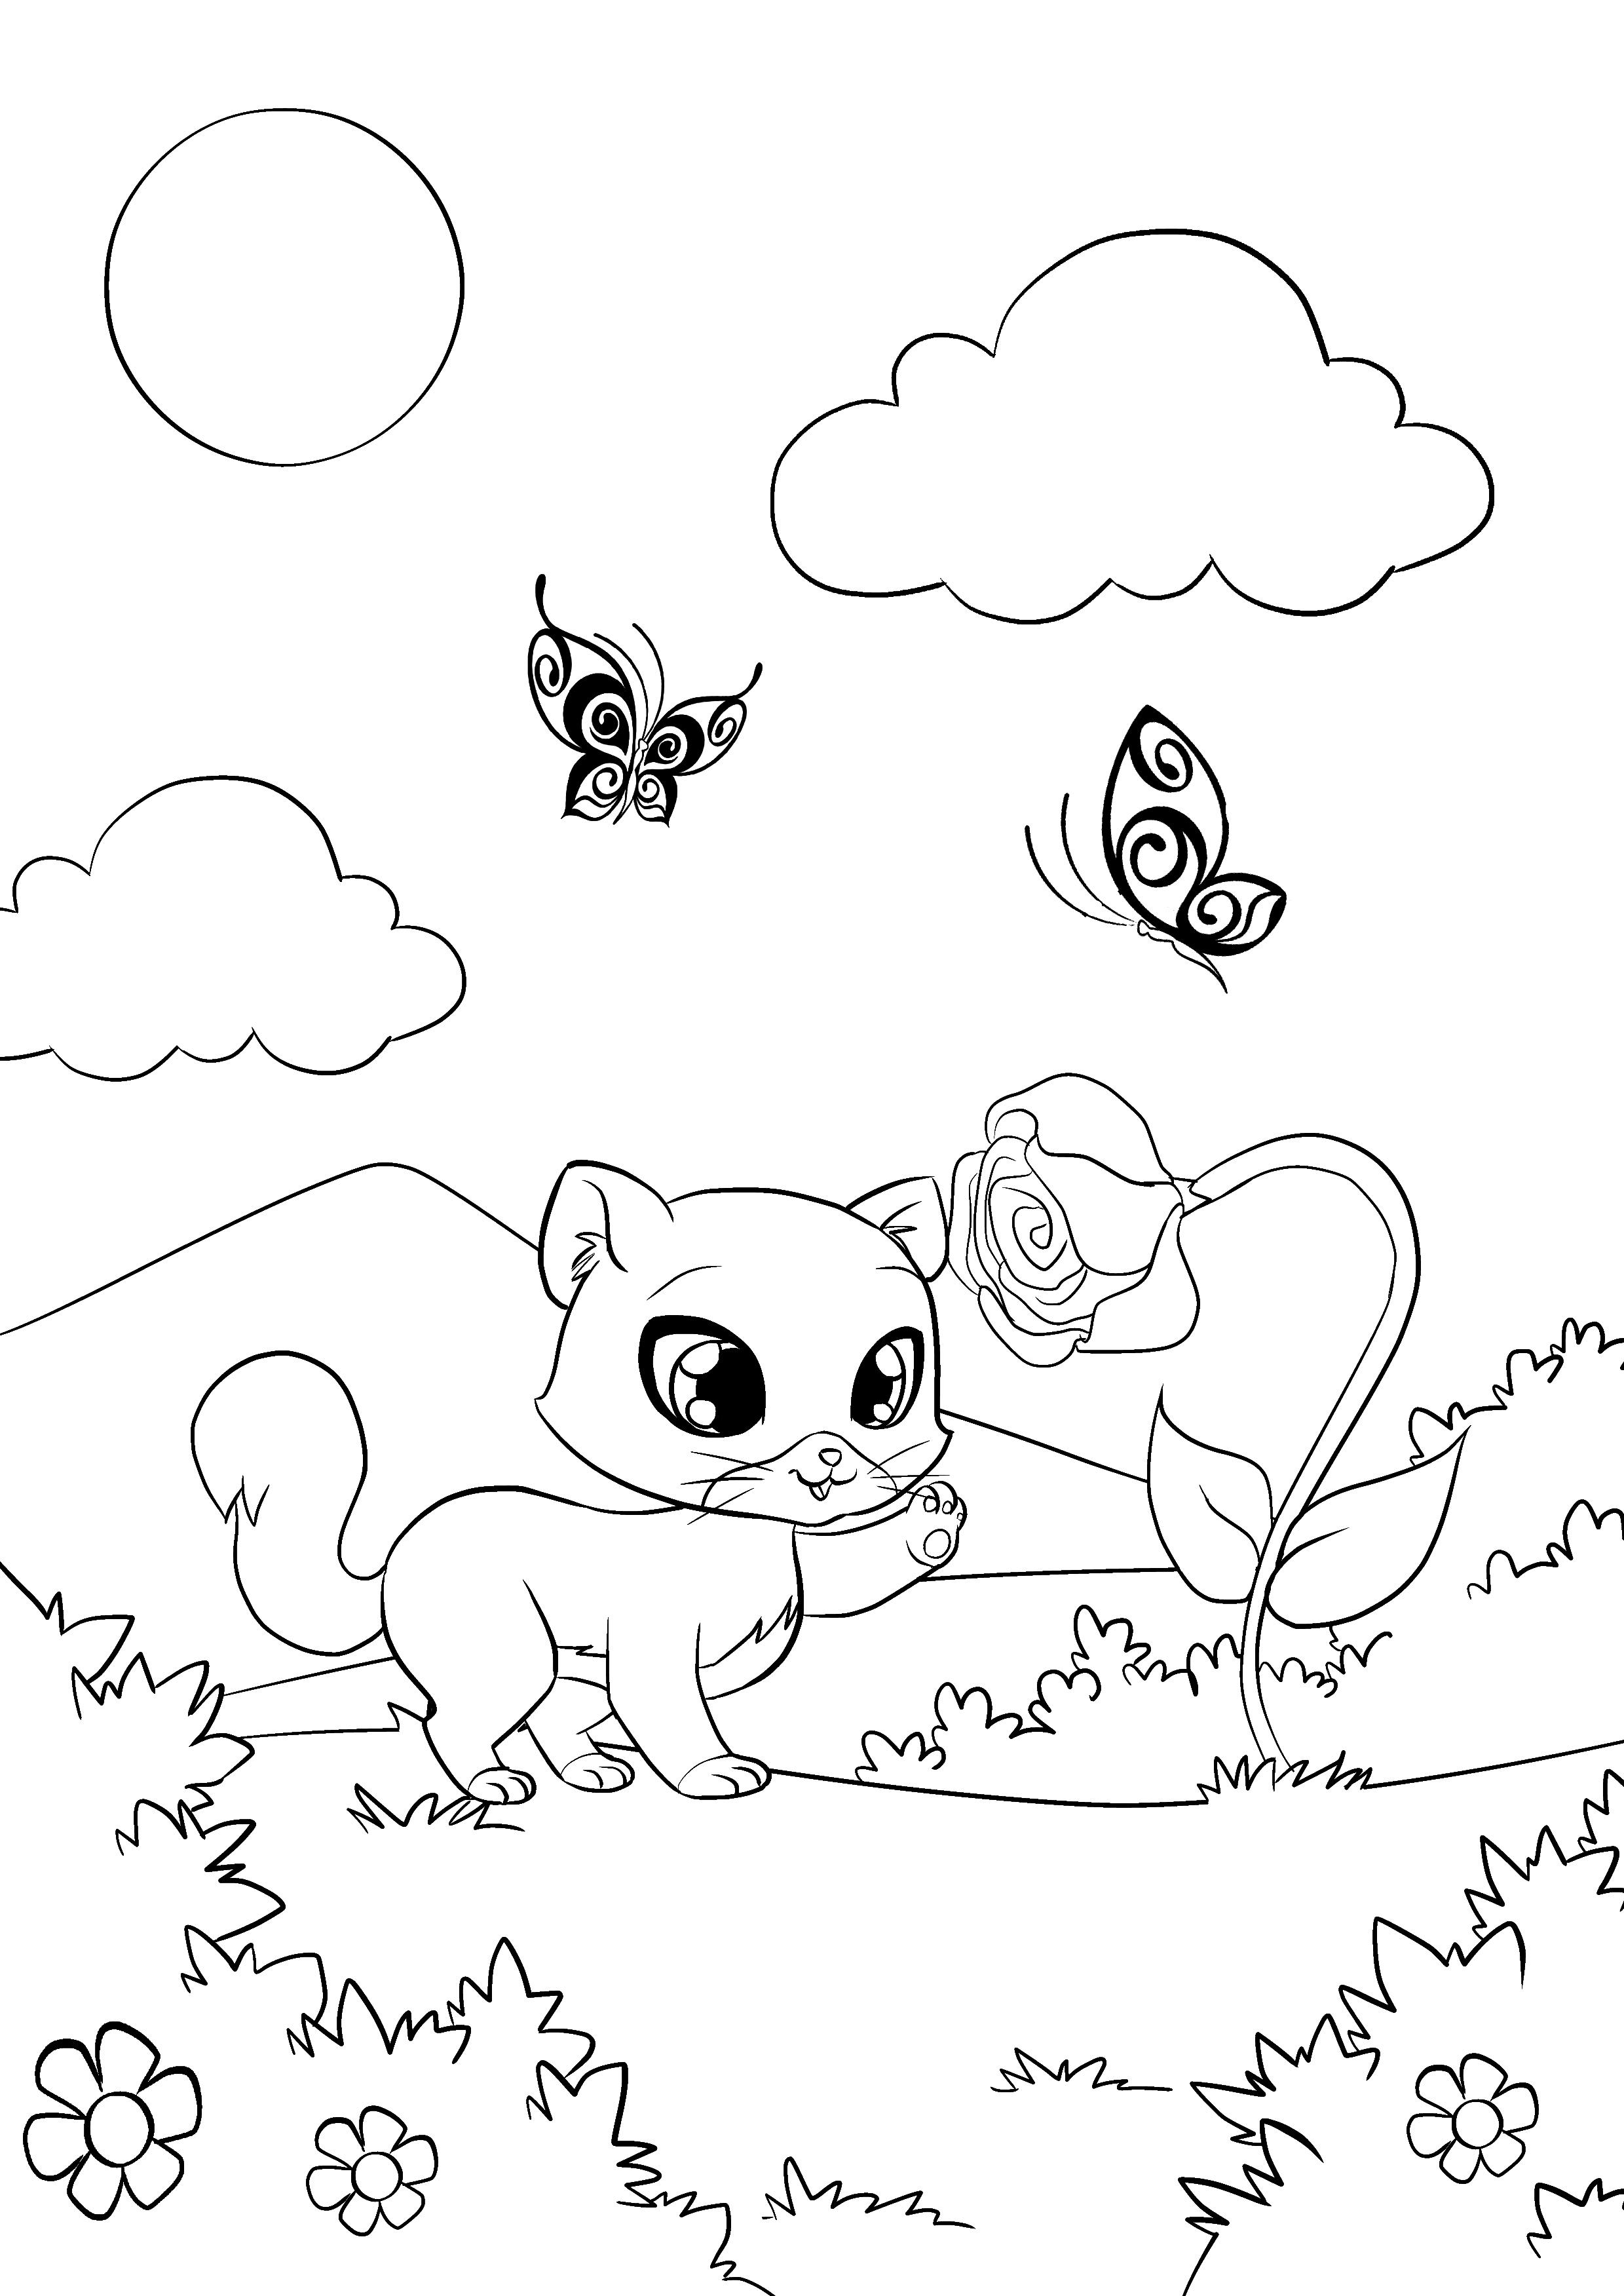 Милота: Раскраски с котятами и щенками - YouLoveIt.ru